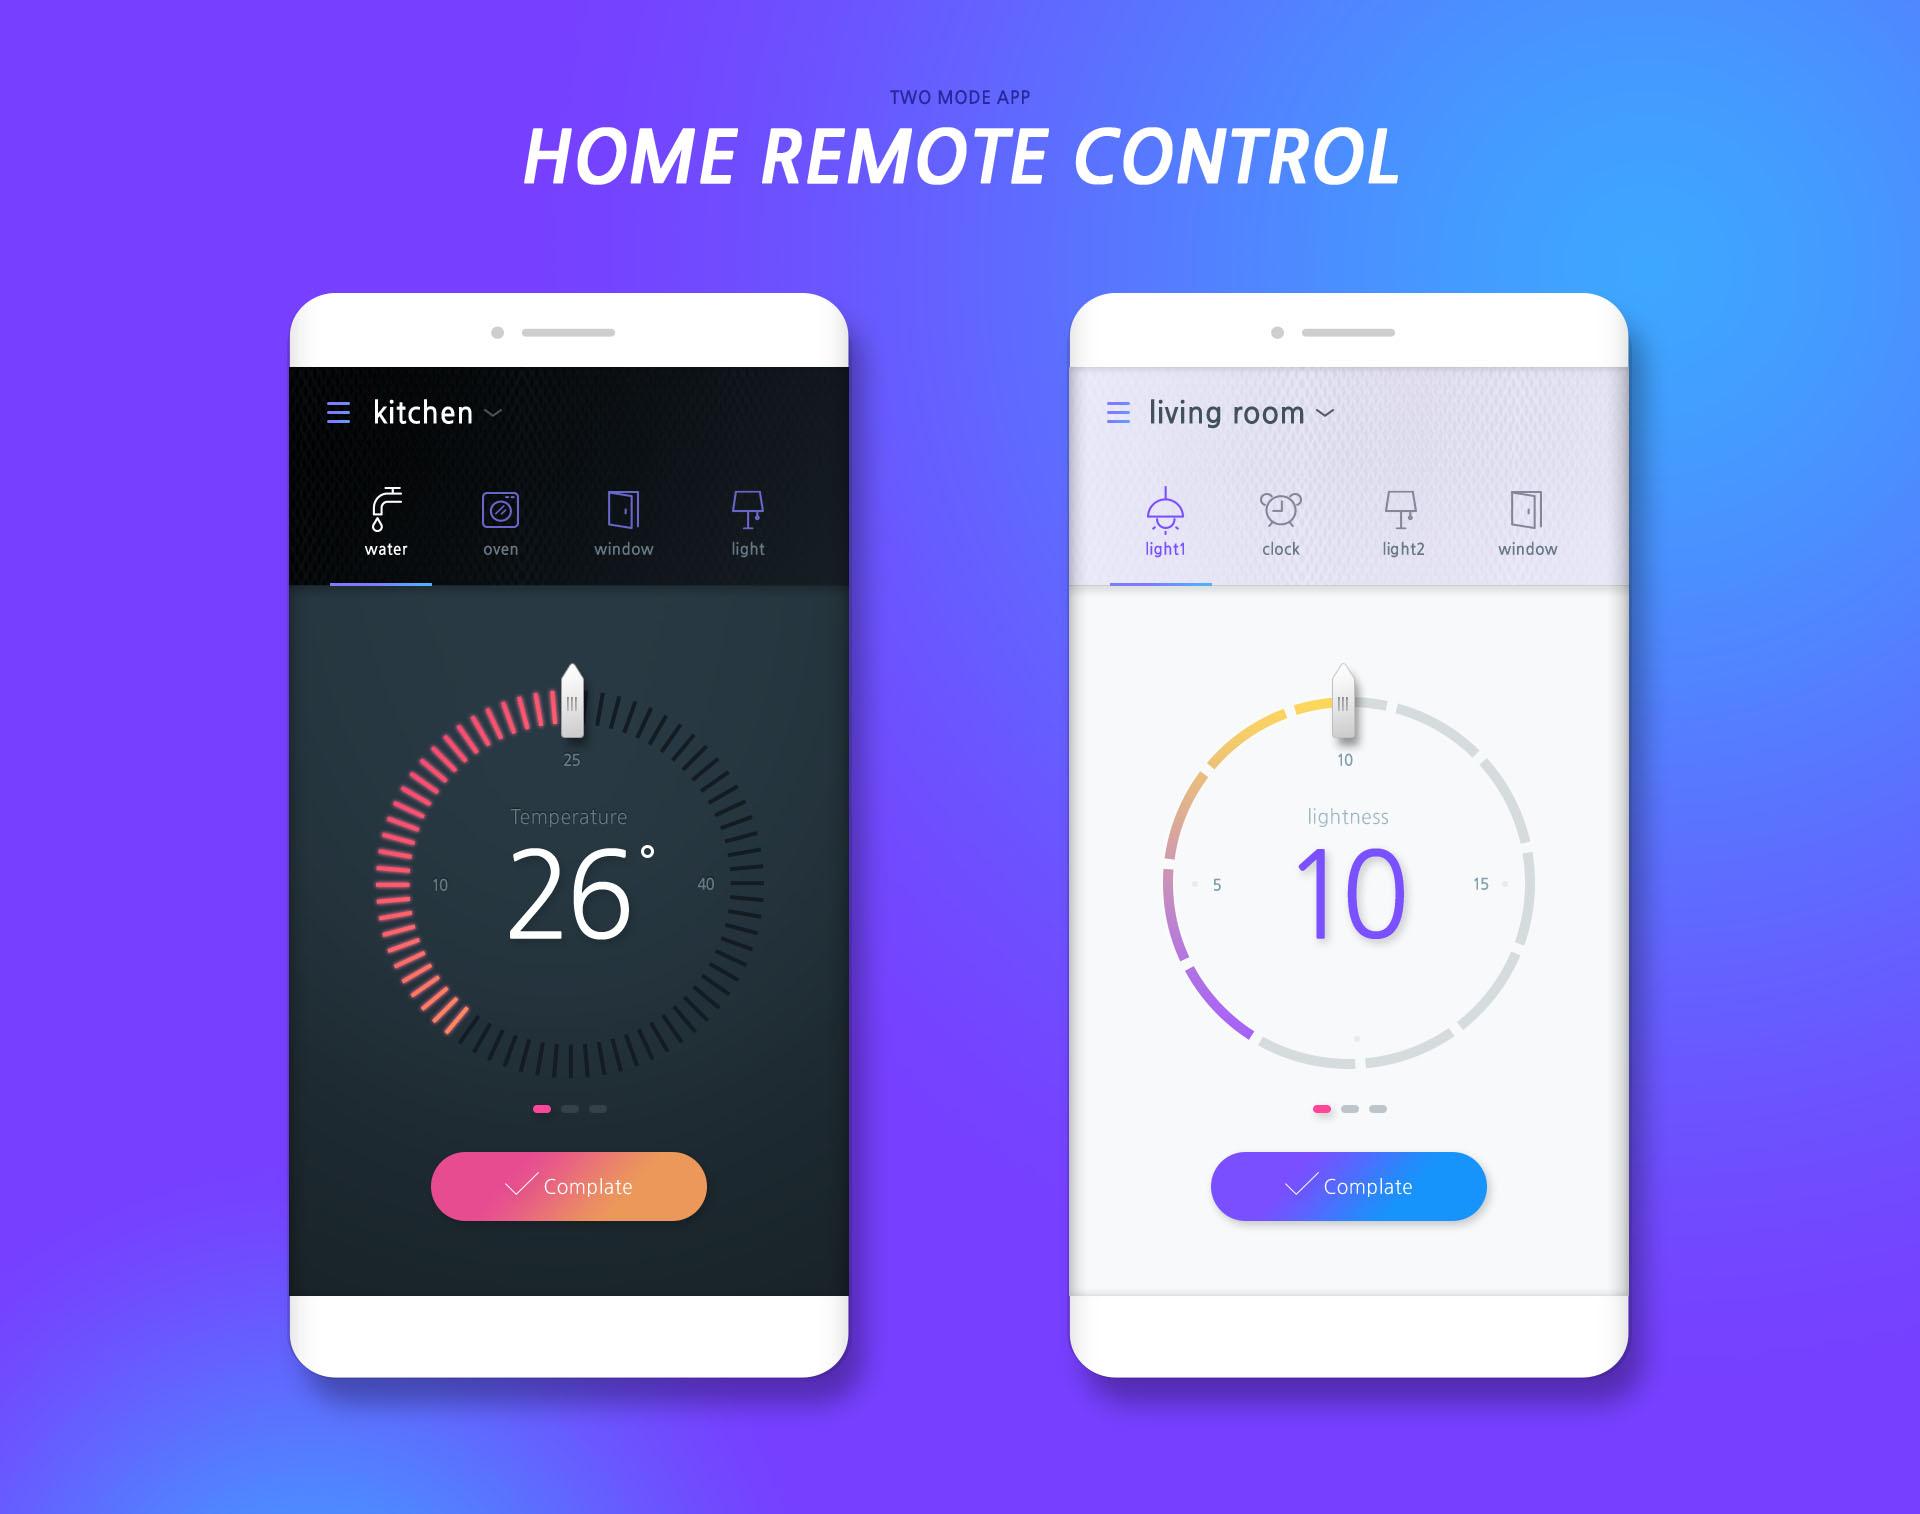 扁平风家用遥控器 home remote control APP